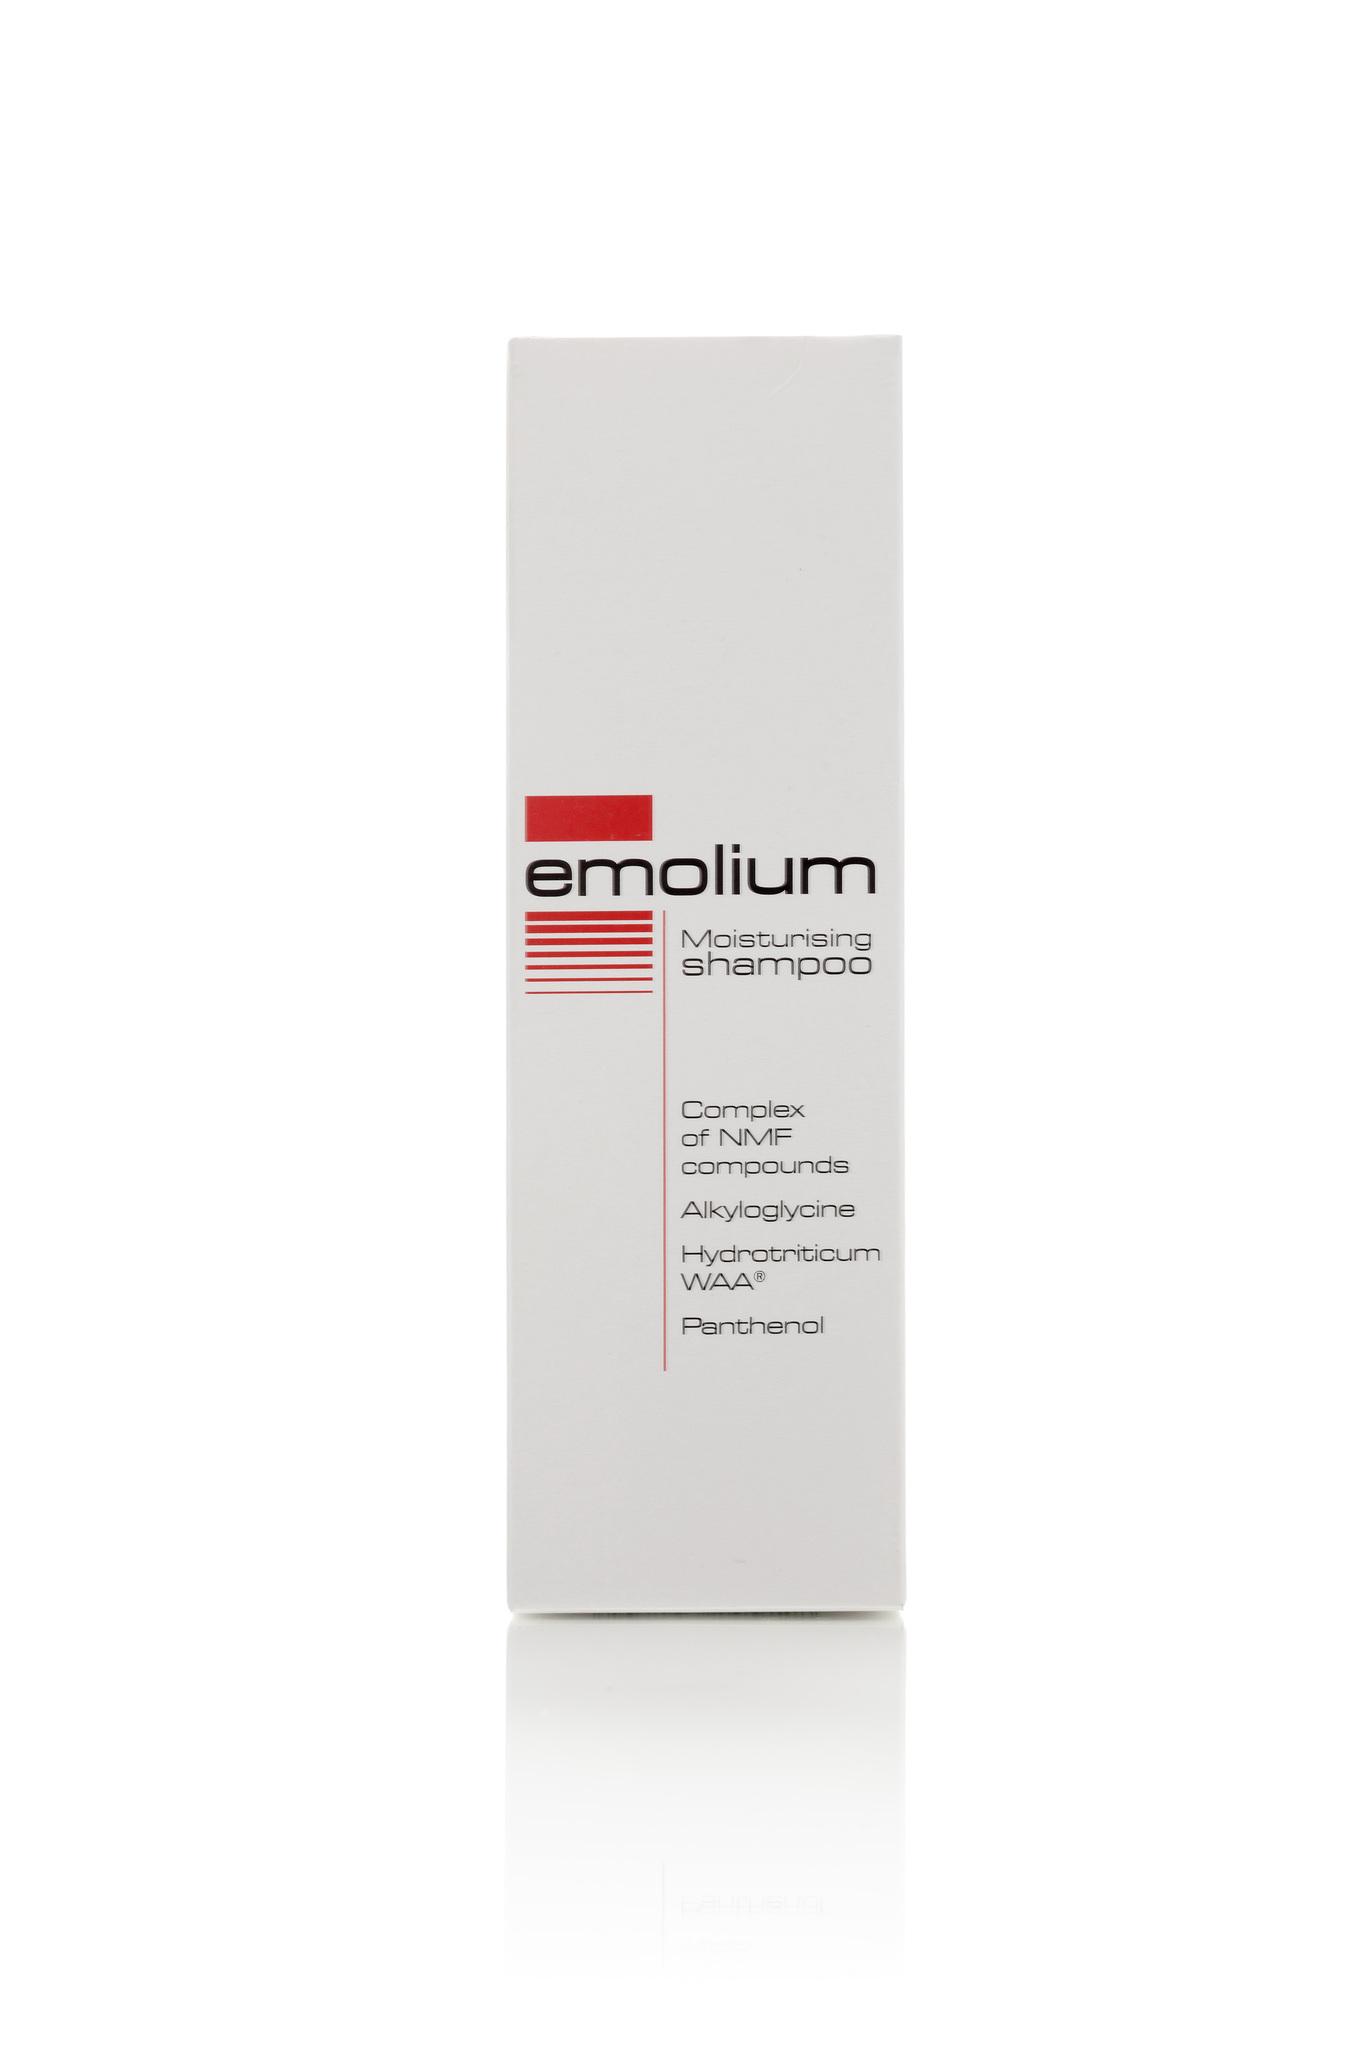 Эмолиум шампунь увлажняющий 200 мл.